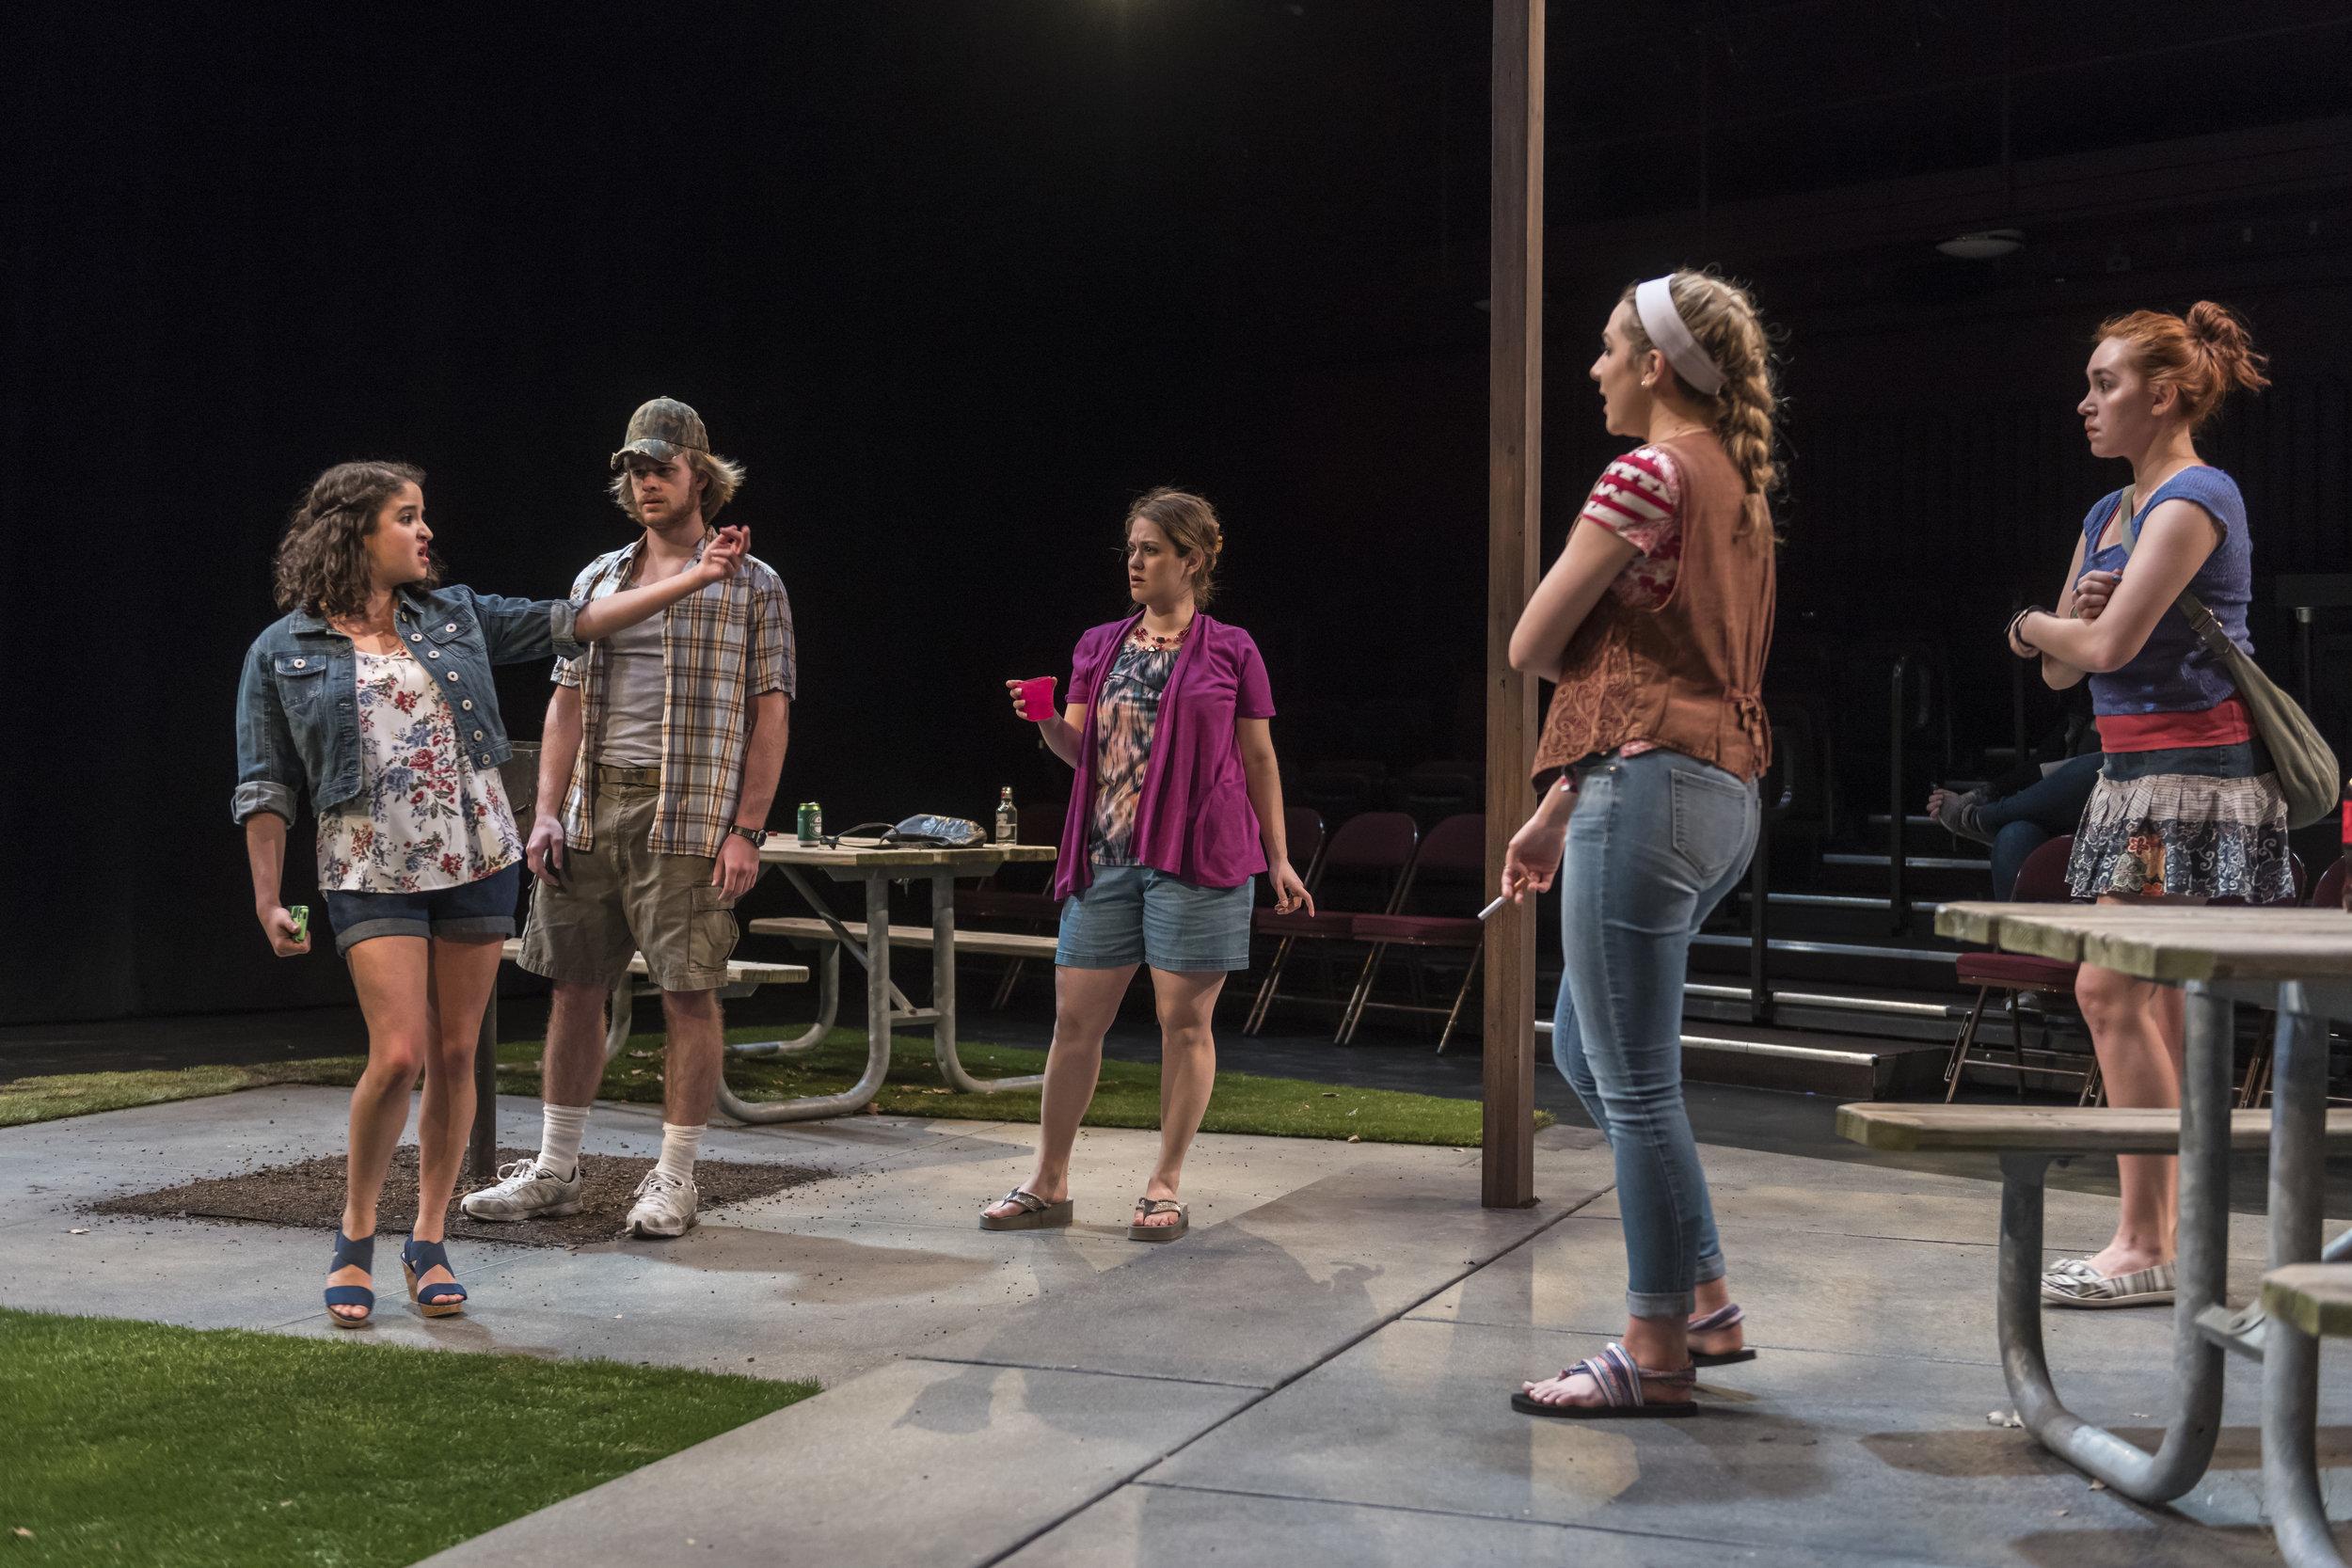 Barbara (Esther Fishbein), James T (Patrick Weber), Lillie Anne (Elana Weiner-Kaplow), Adlean (Kathleen Sullivan) and Marie (Diana Gardner)